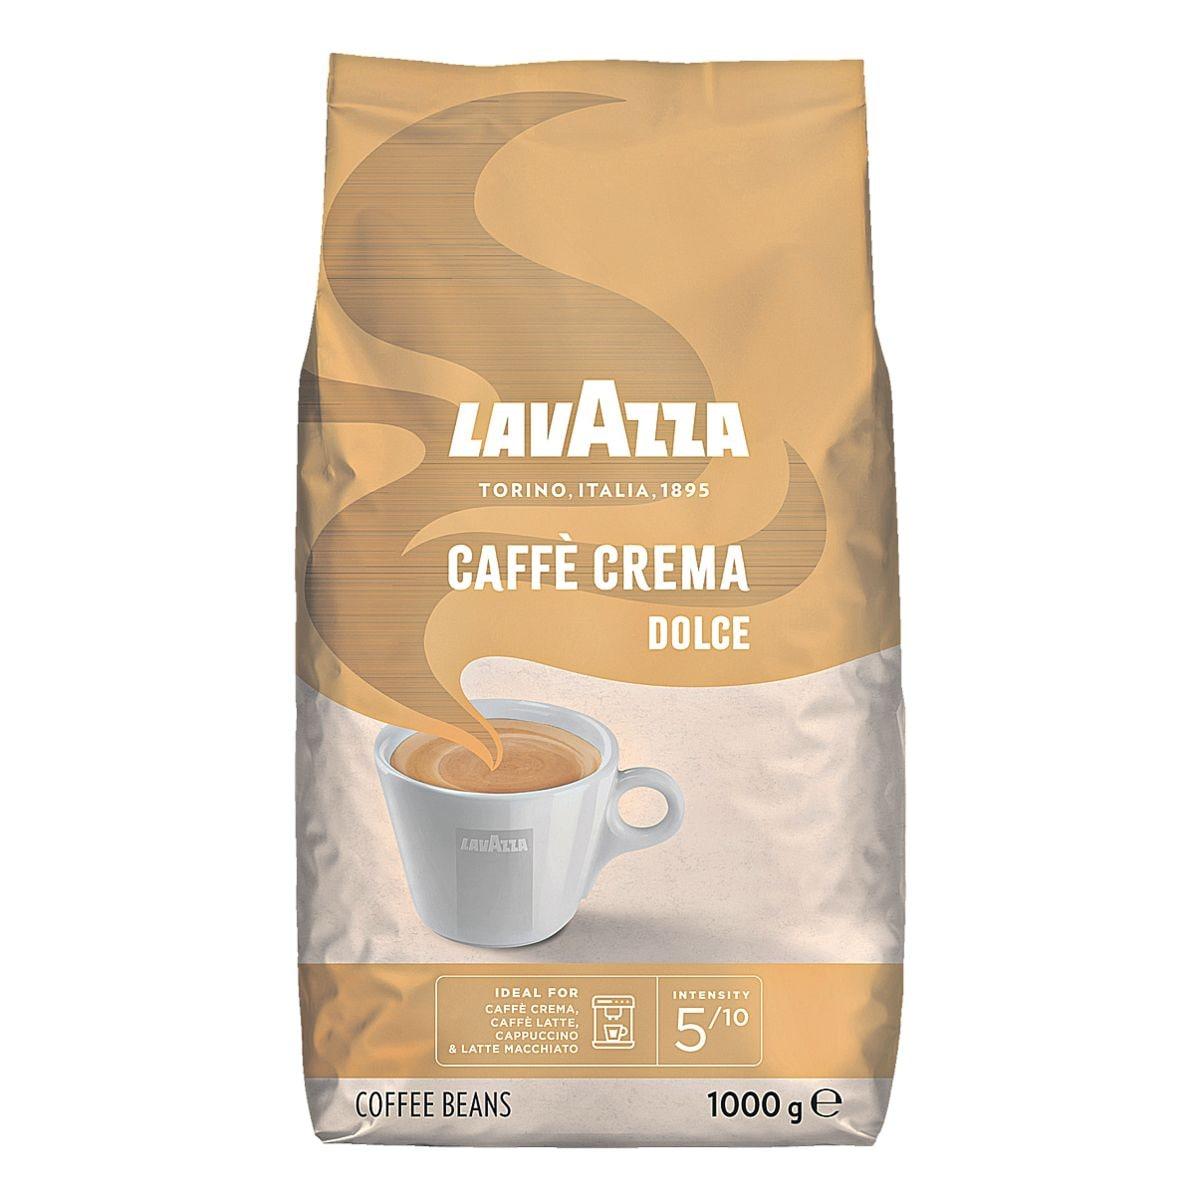 lavazza kaffee ganze bohnen caff crema dolce bei otto office g nstig kaufen. Black Bedroom Furniture Sets. Home Design Ideas